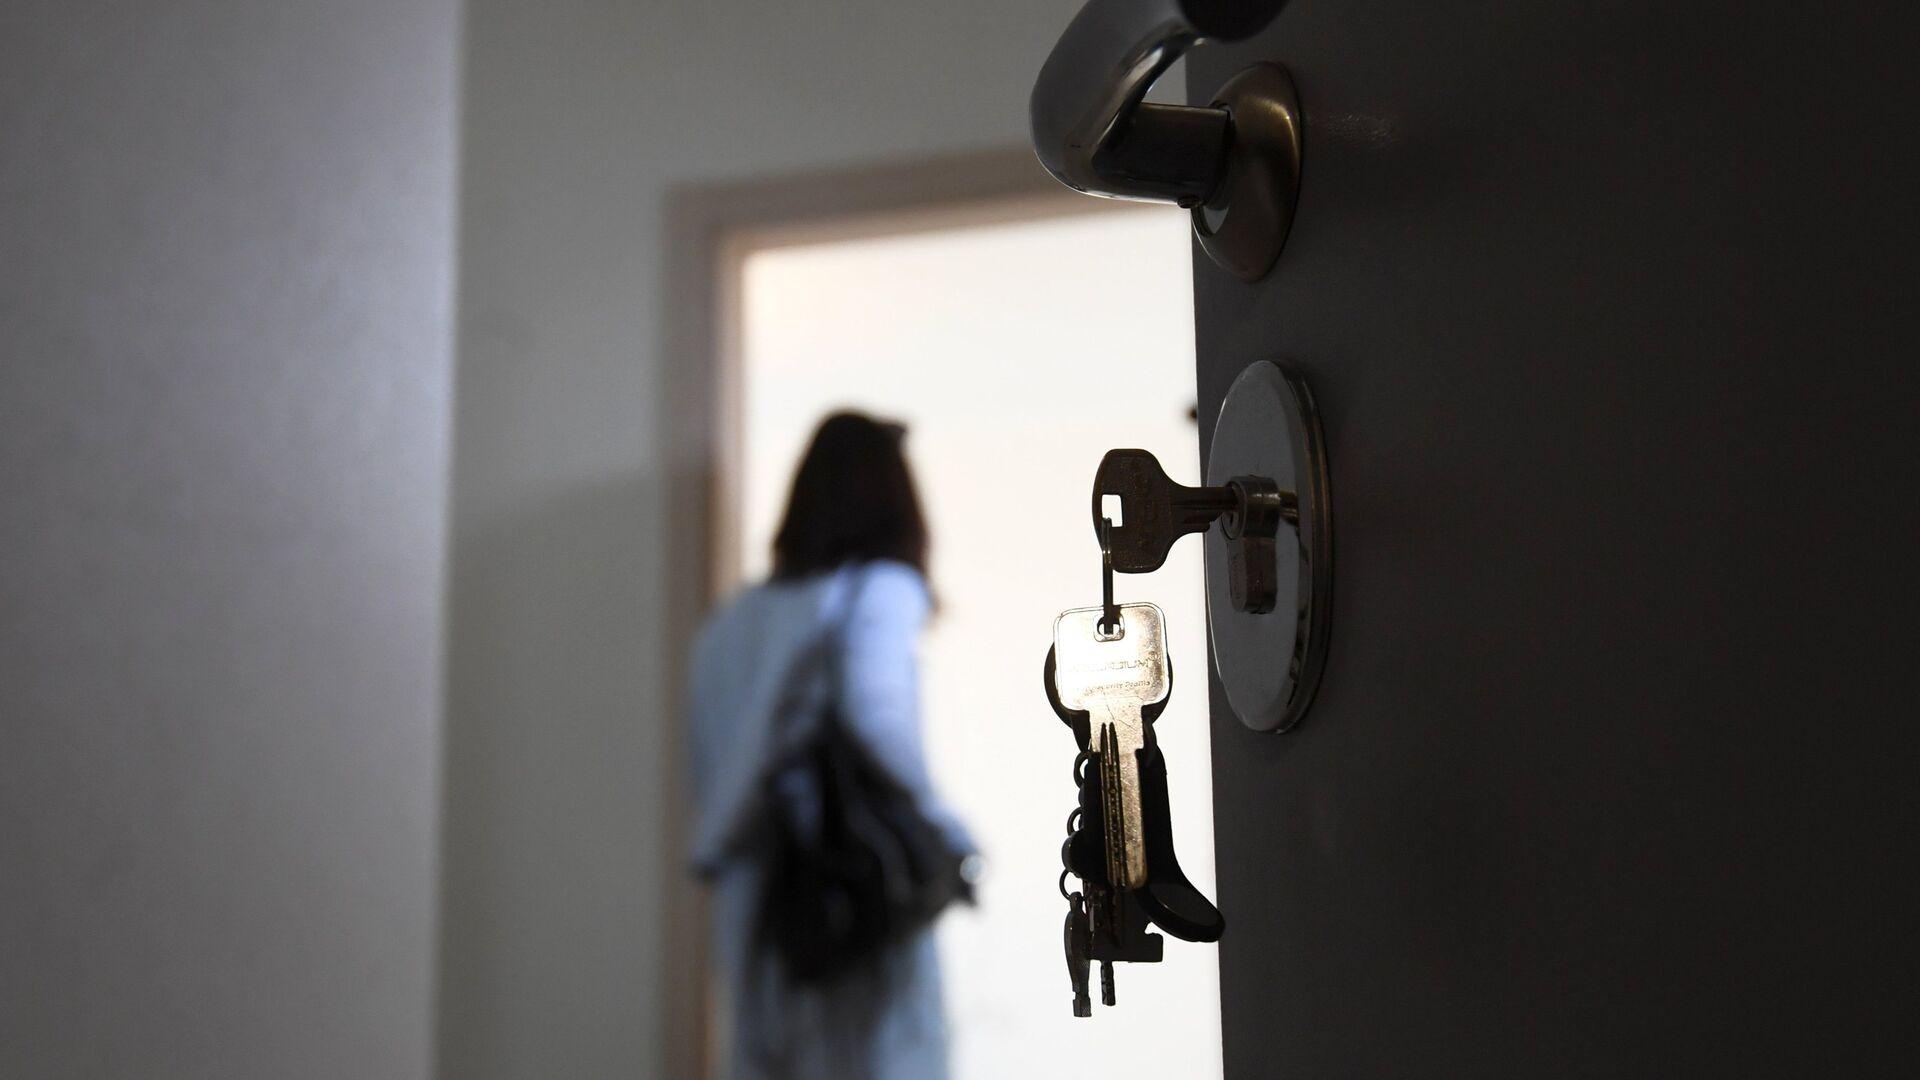 Входная дверь в одной из квартир многоэтажного жилого дома  - РИА Новости, 1920, 02.09.2021